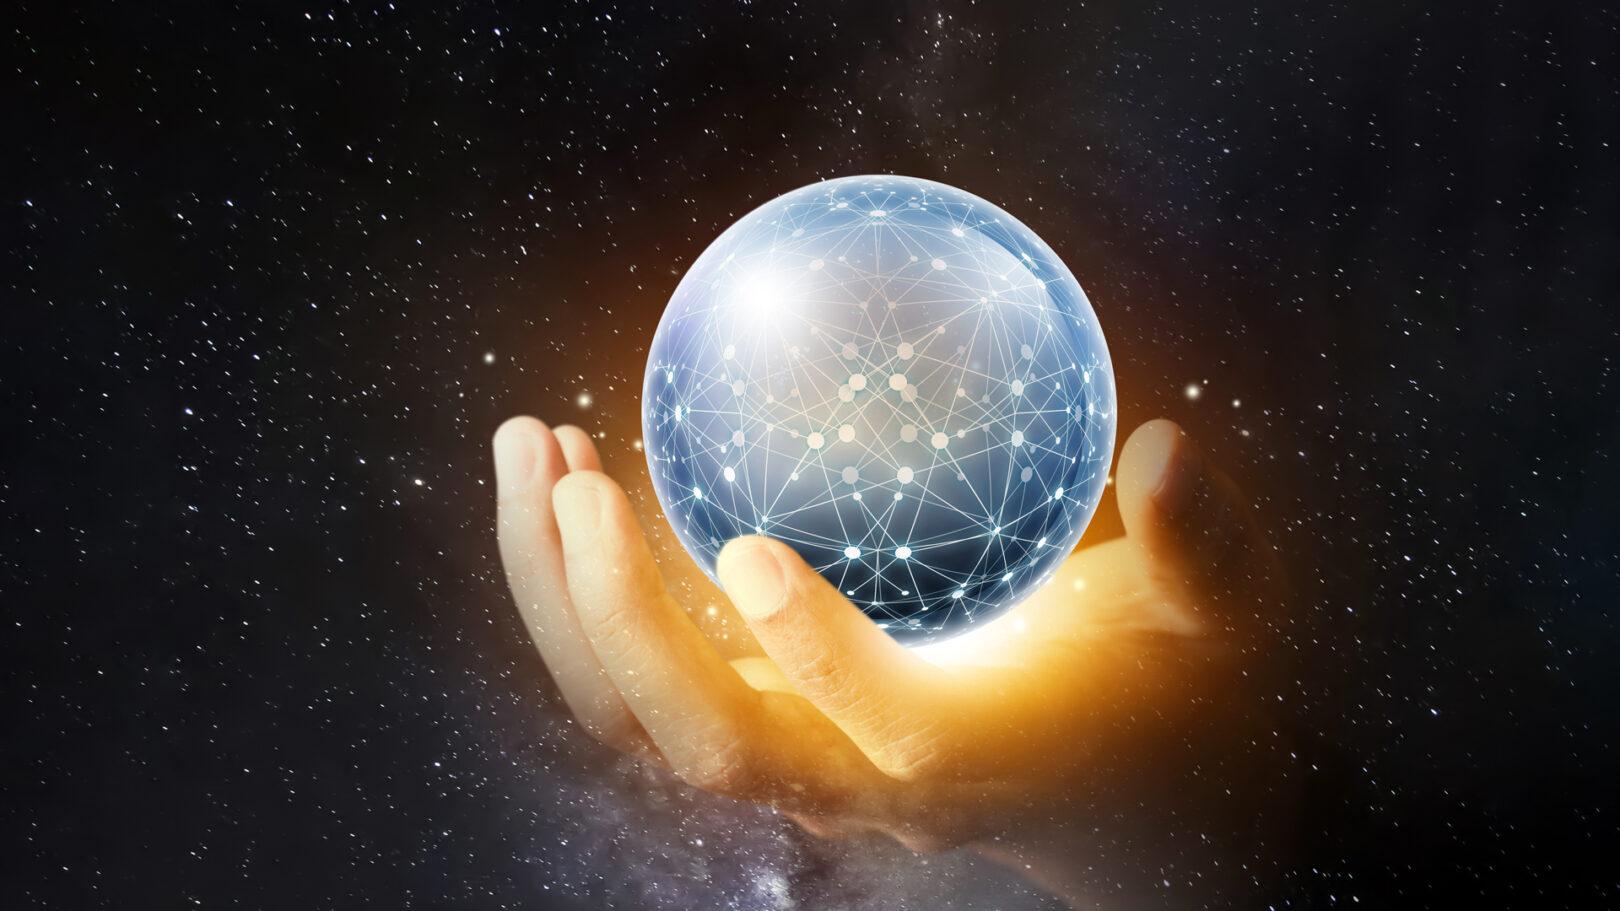 «Digitales Zentralbankgeld und dezentrale Finanzdienstleistungen nehmen Fahrt auf»